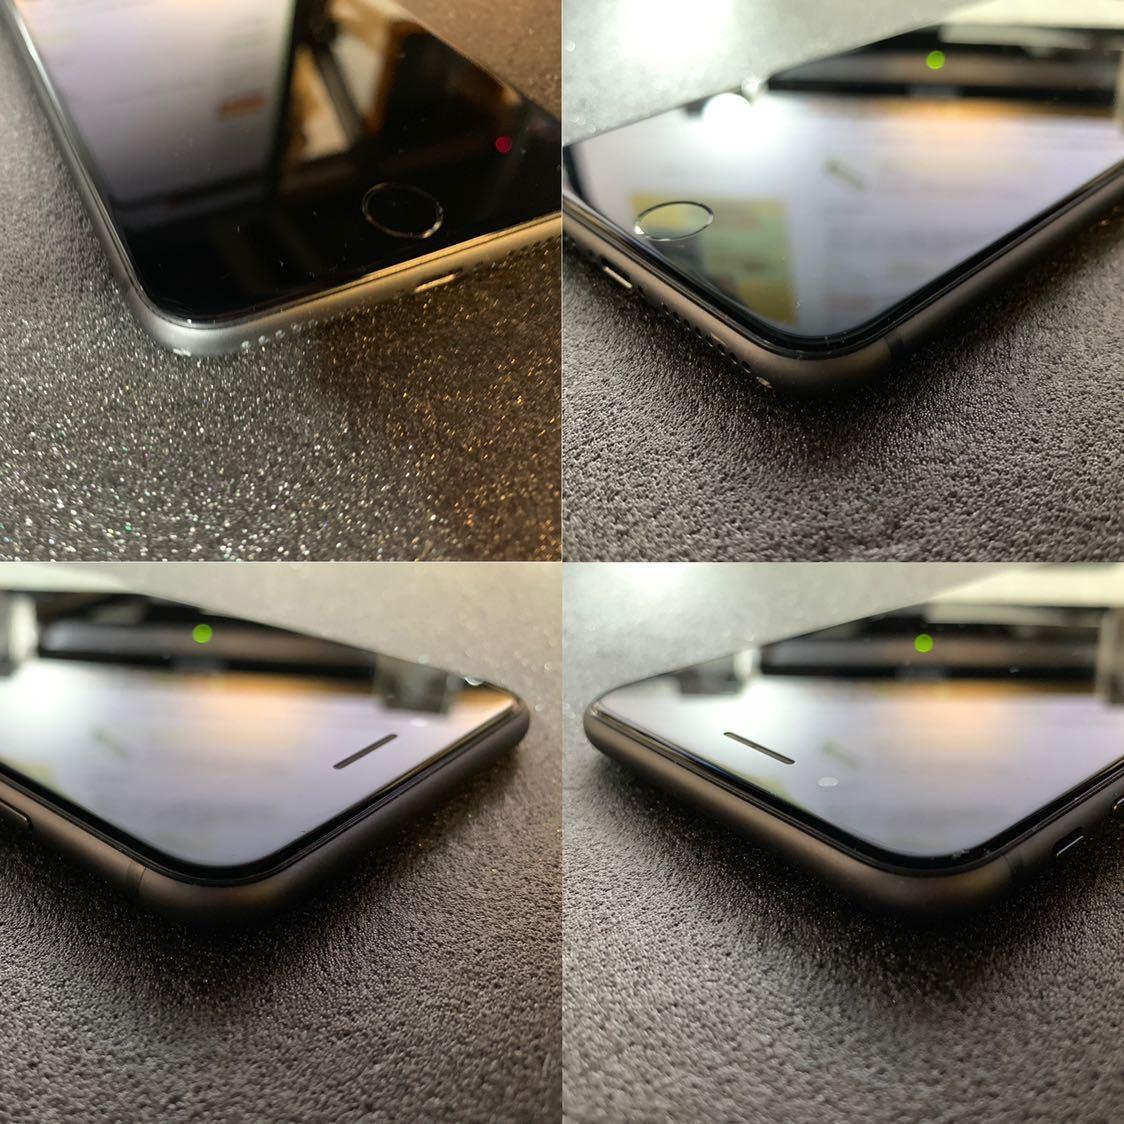 【1スタ!(1円スタート)】docomo iPhone8Plus 256GB SIMフリー(docomo) スペースグレイ【iPhone8+(プラス)】_画像9